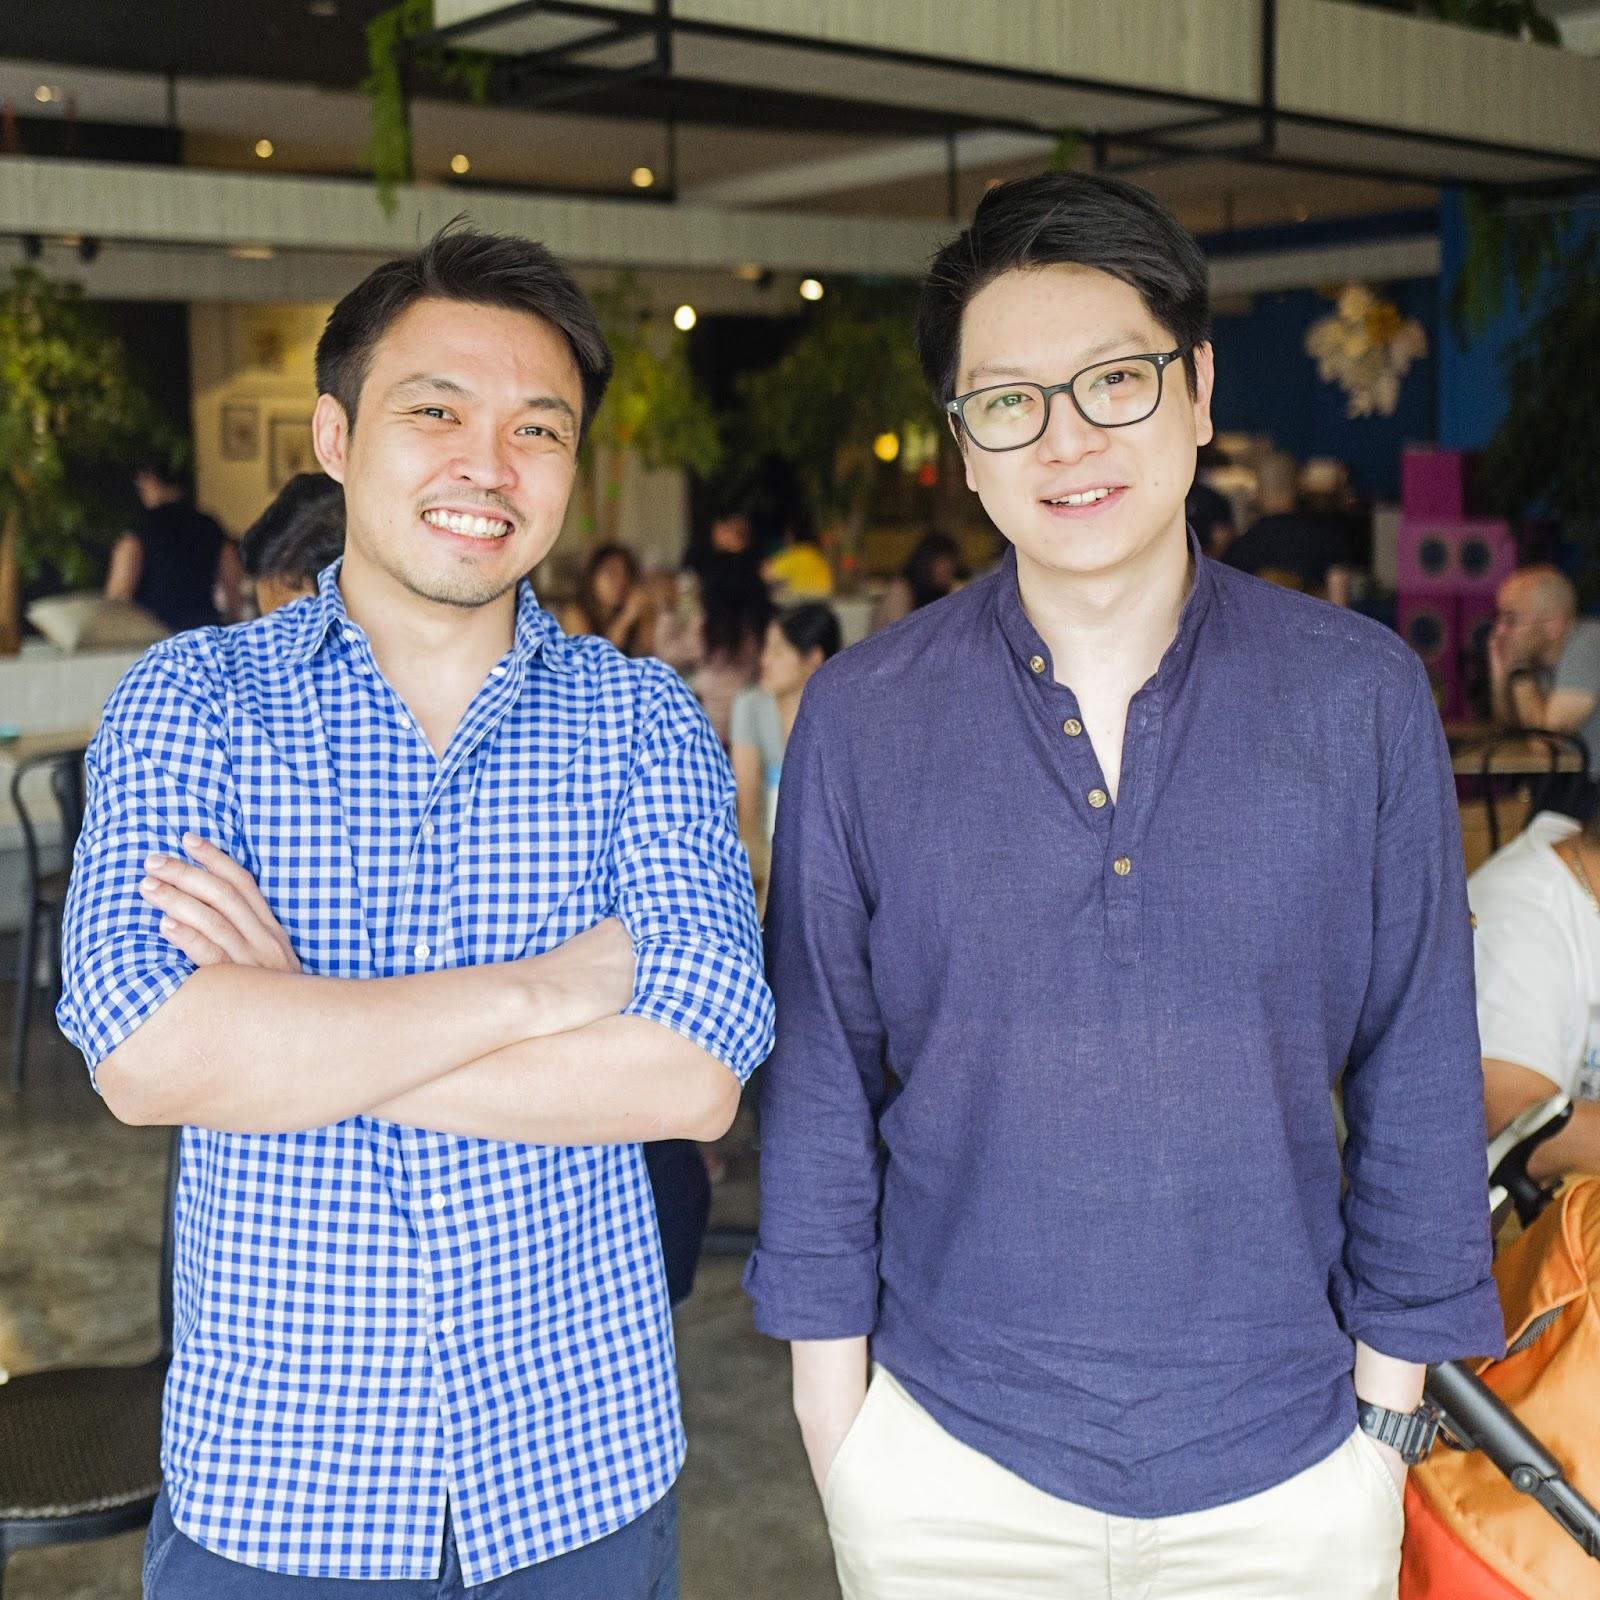 founders-L1100144.jpg